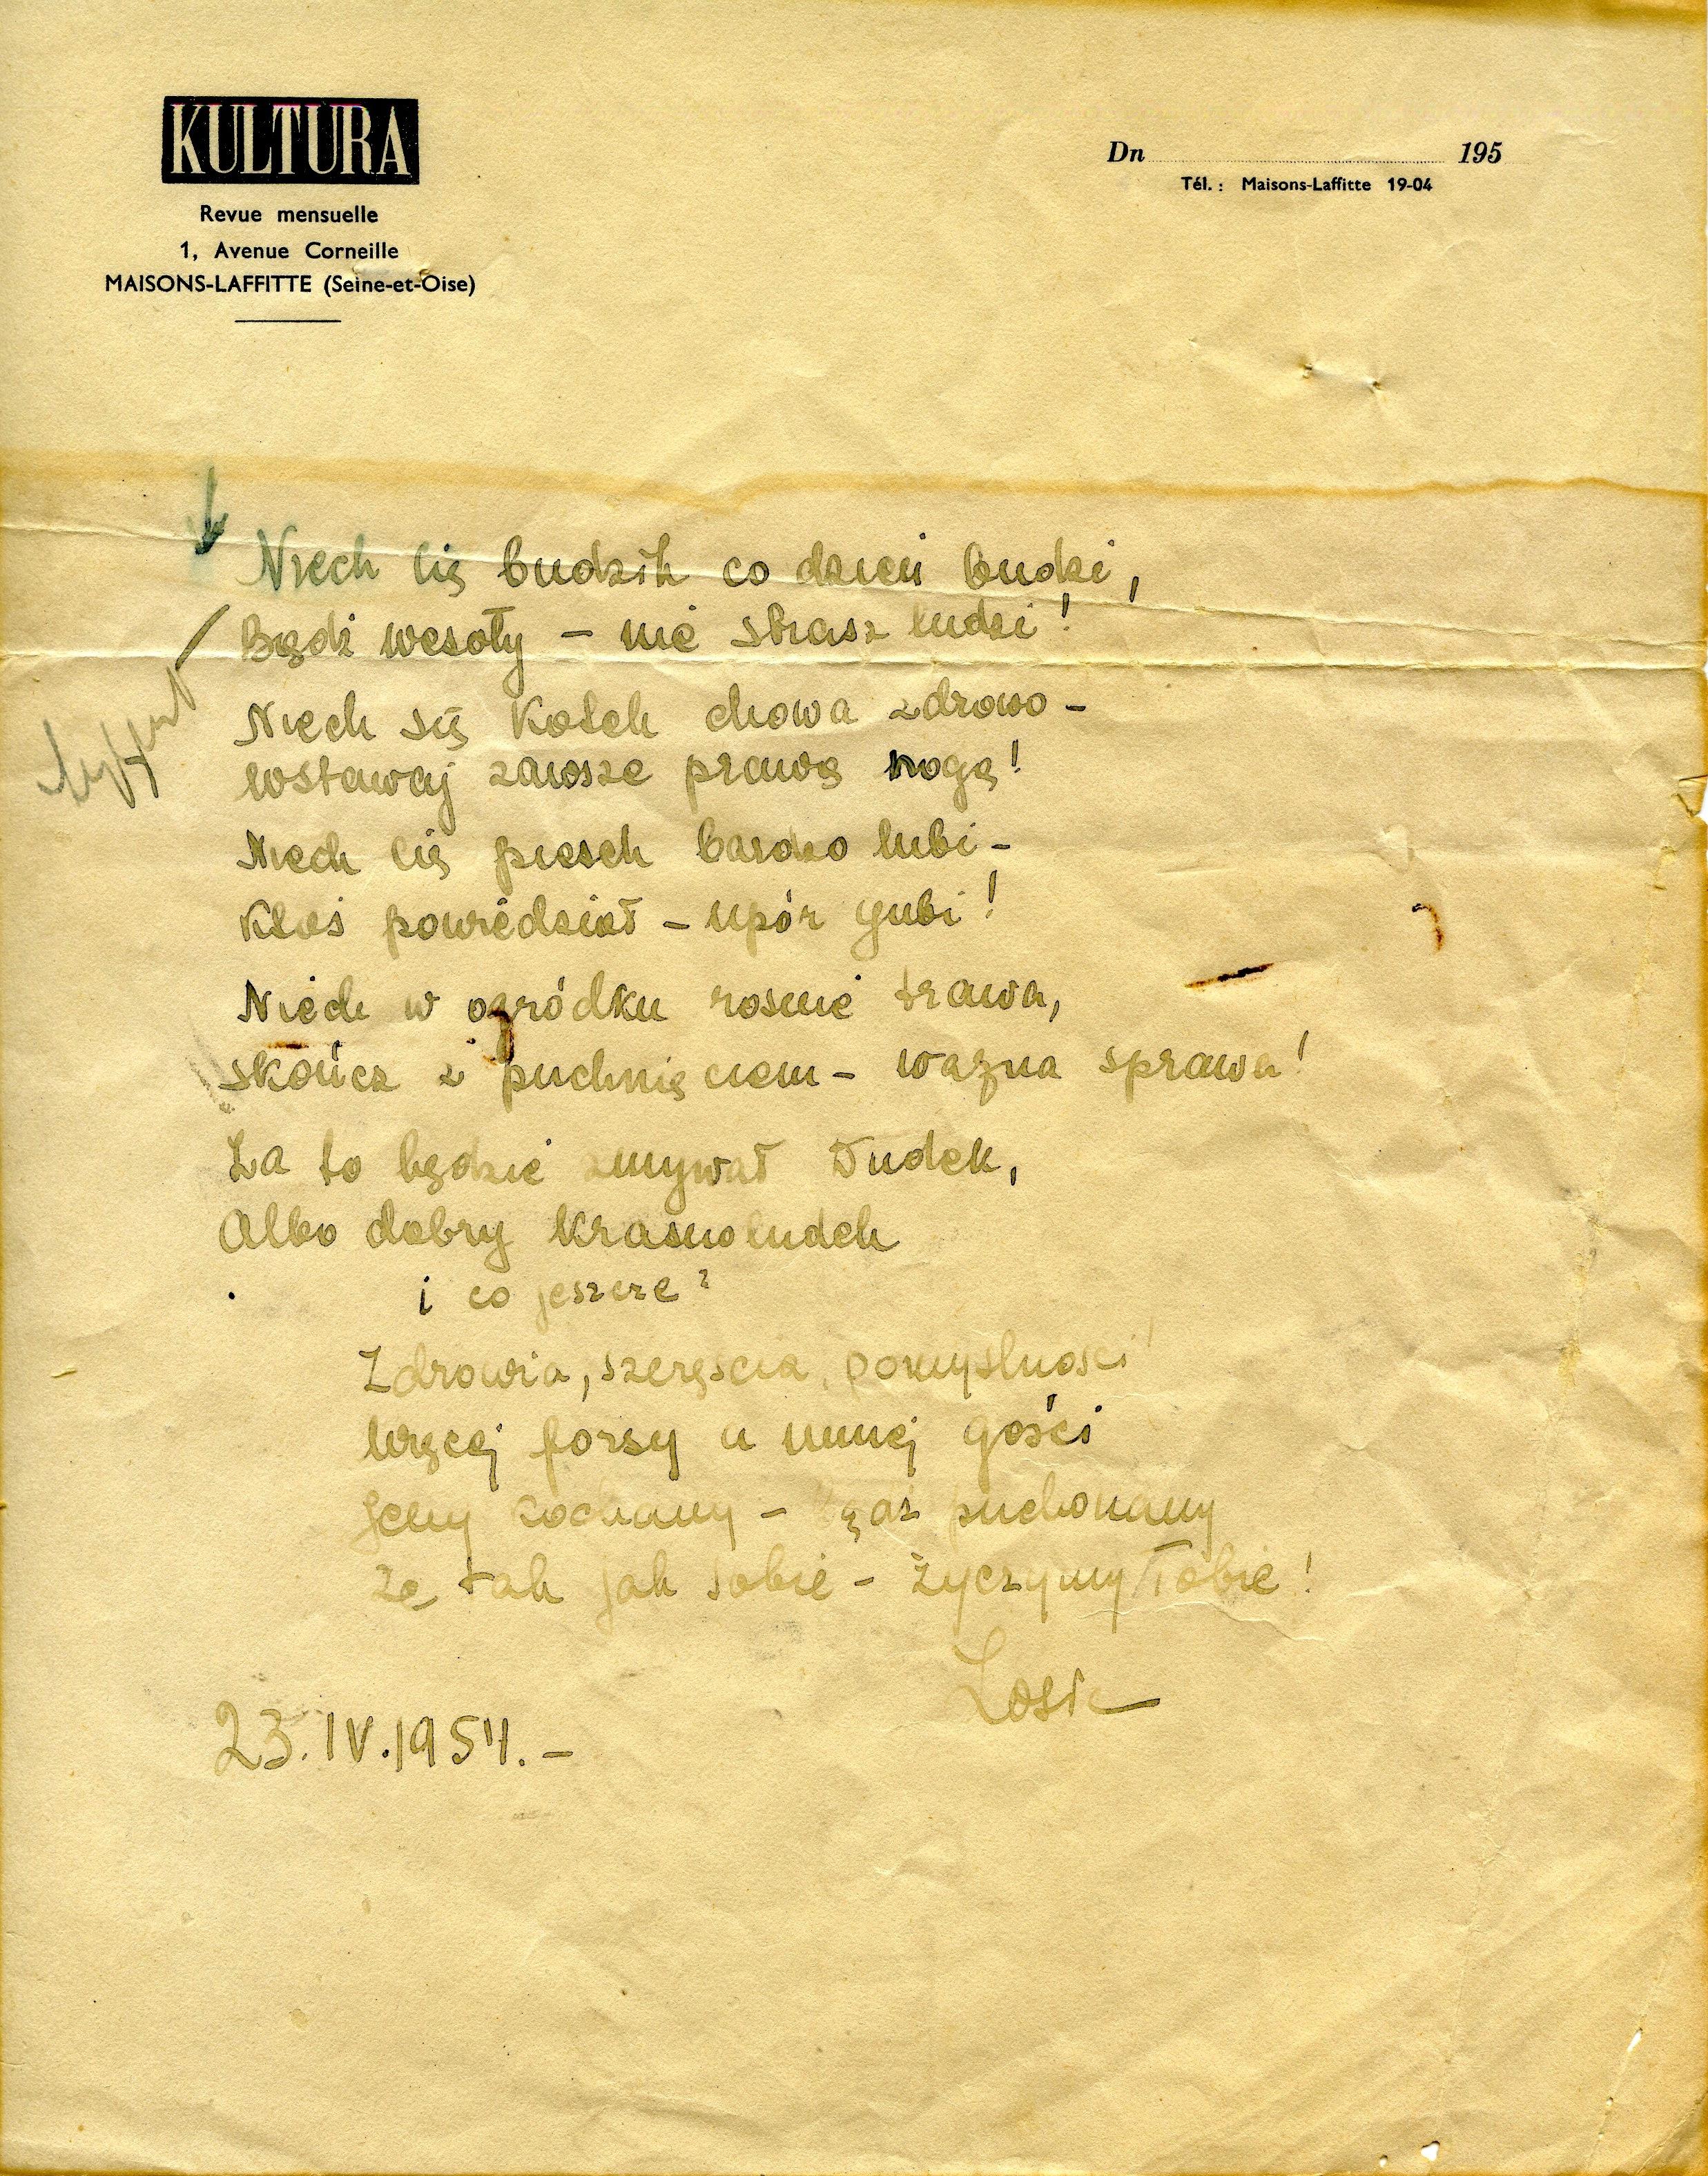 <div class='inner-box'><div class='close-desc'></div>  <span class='opis'>Wierszyk imieninowy dla Jerzego podpisany: Zosia, 23 IV 1954.</span>   </div>